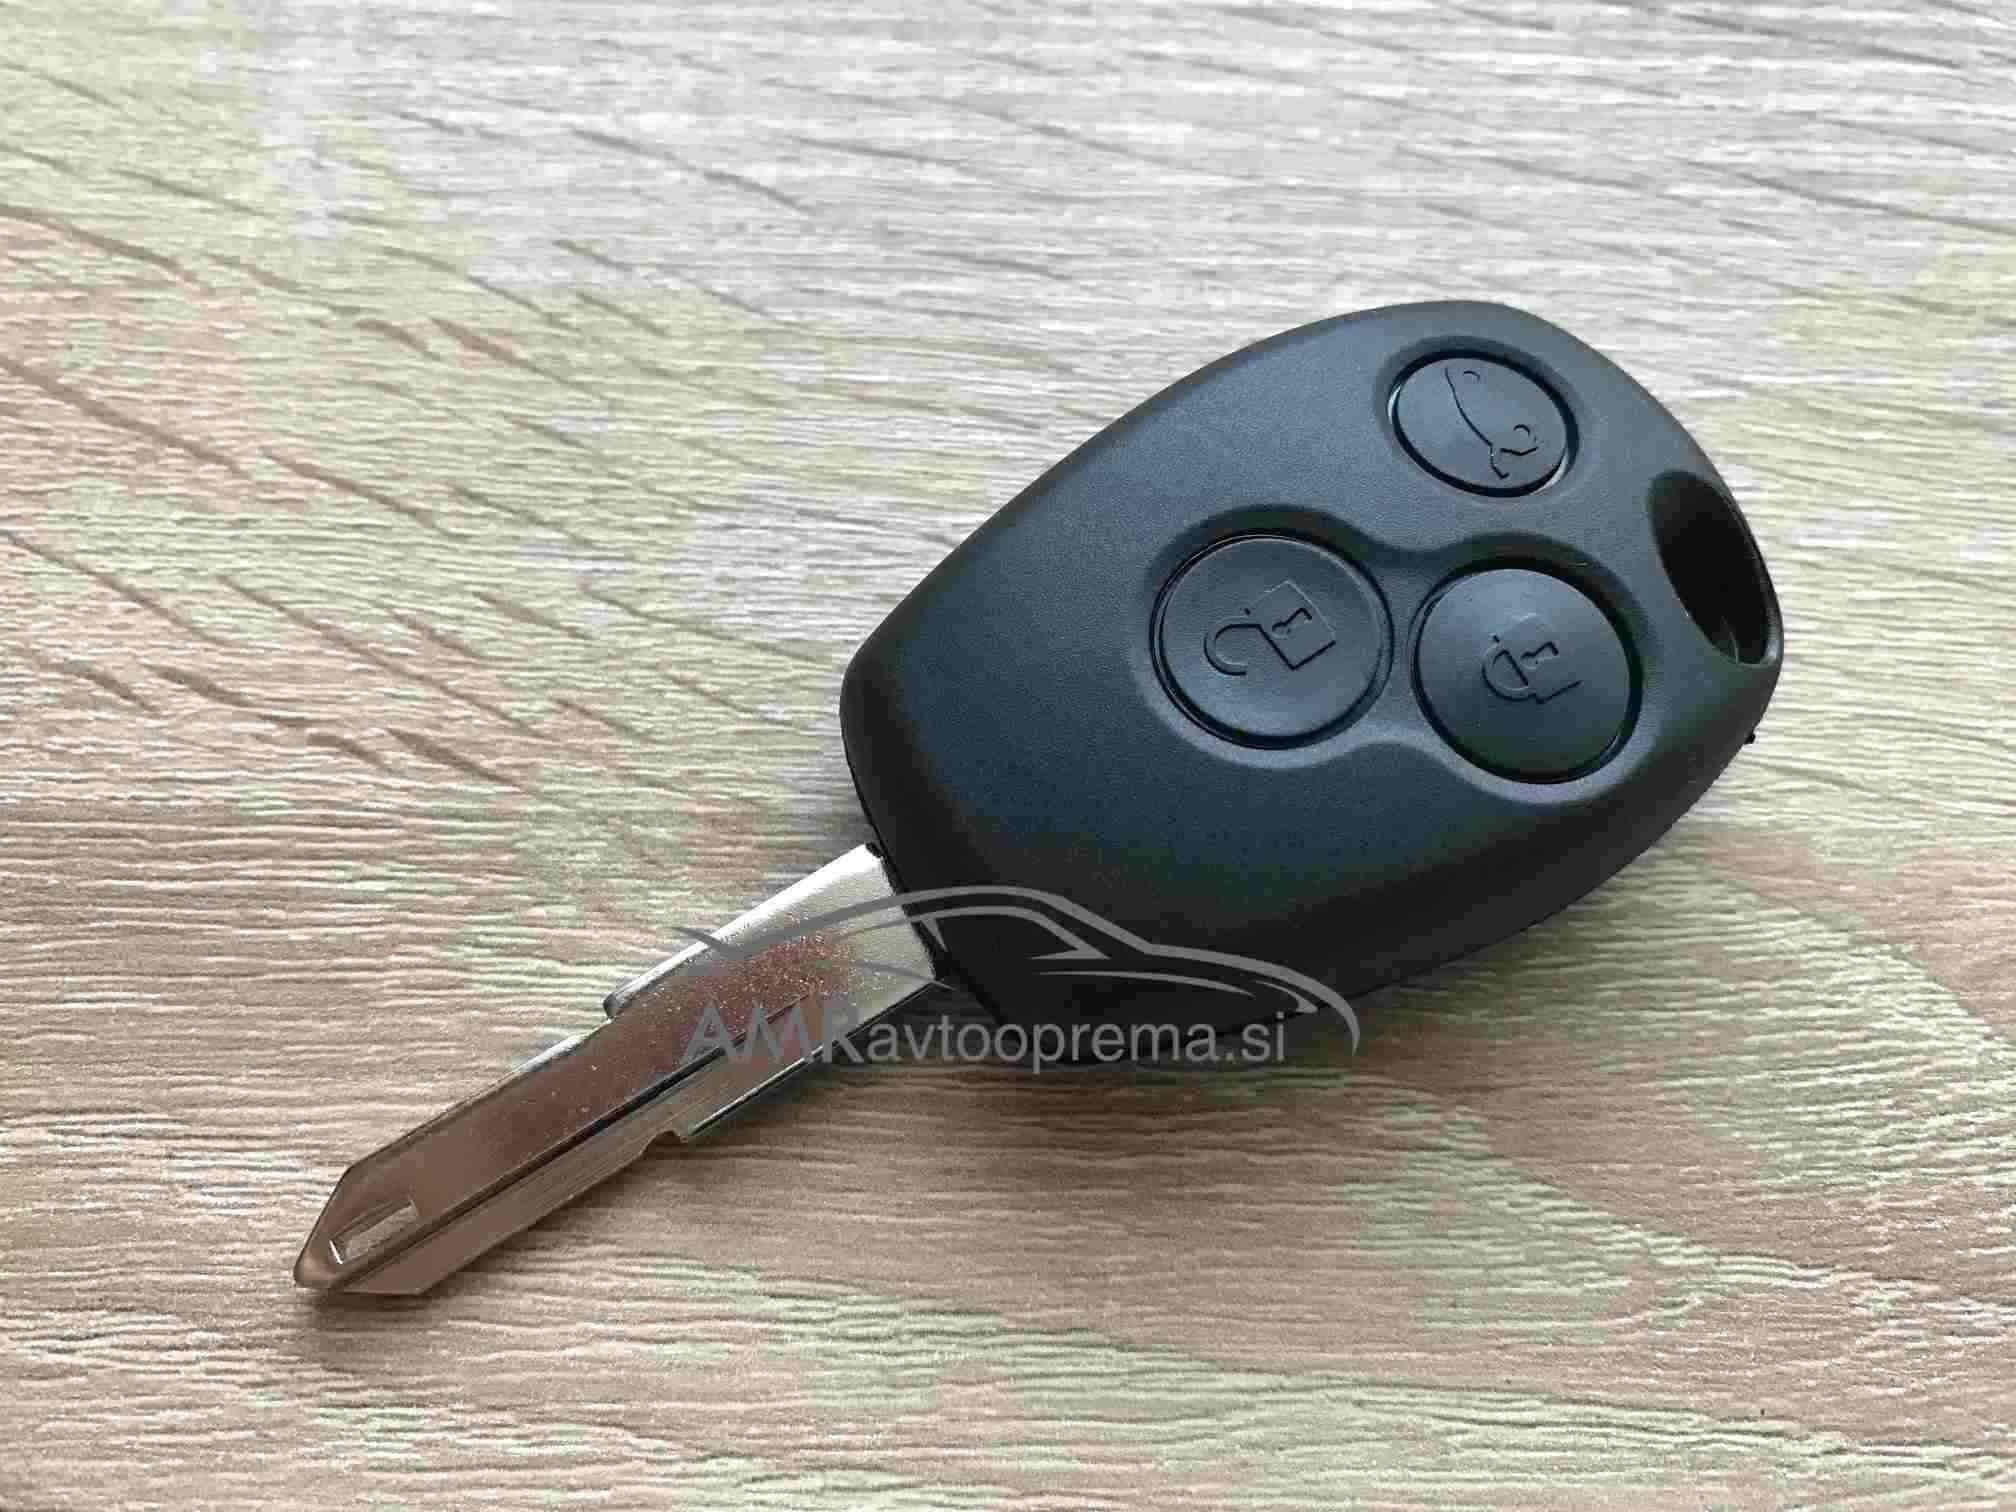 Ohišje za ključ Opel Vivaro in Movano s tremi gumbi